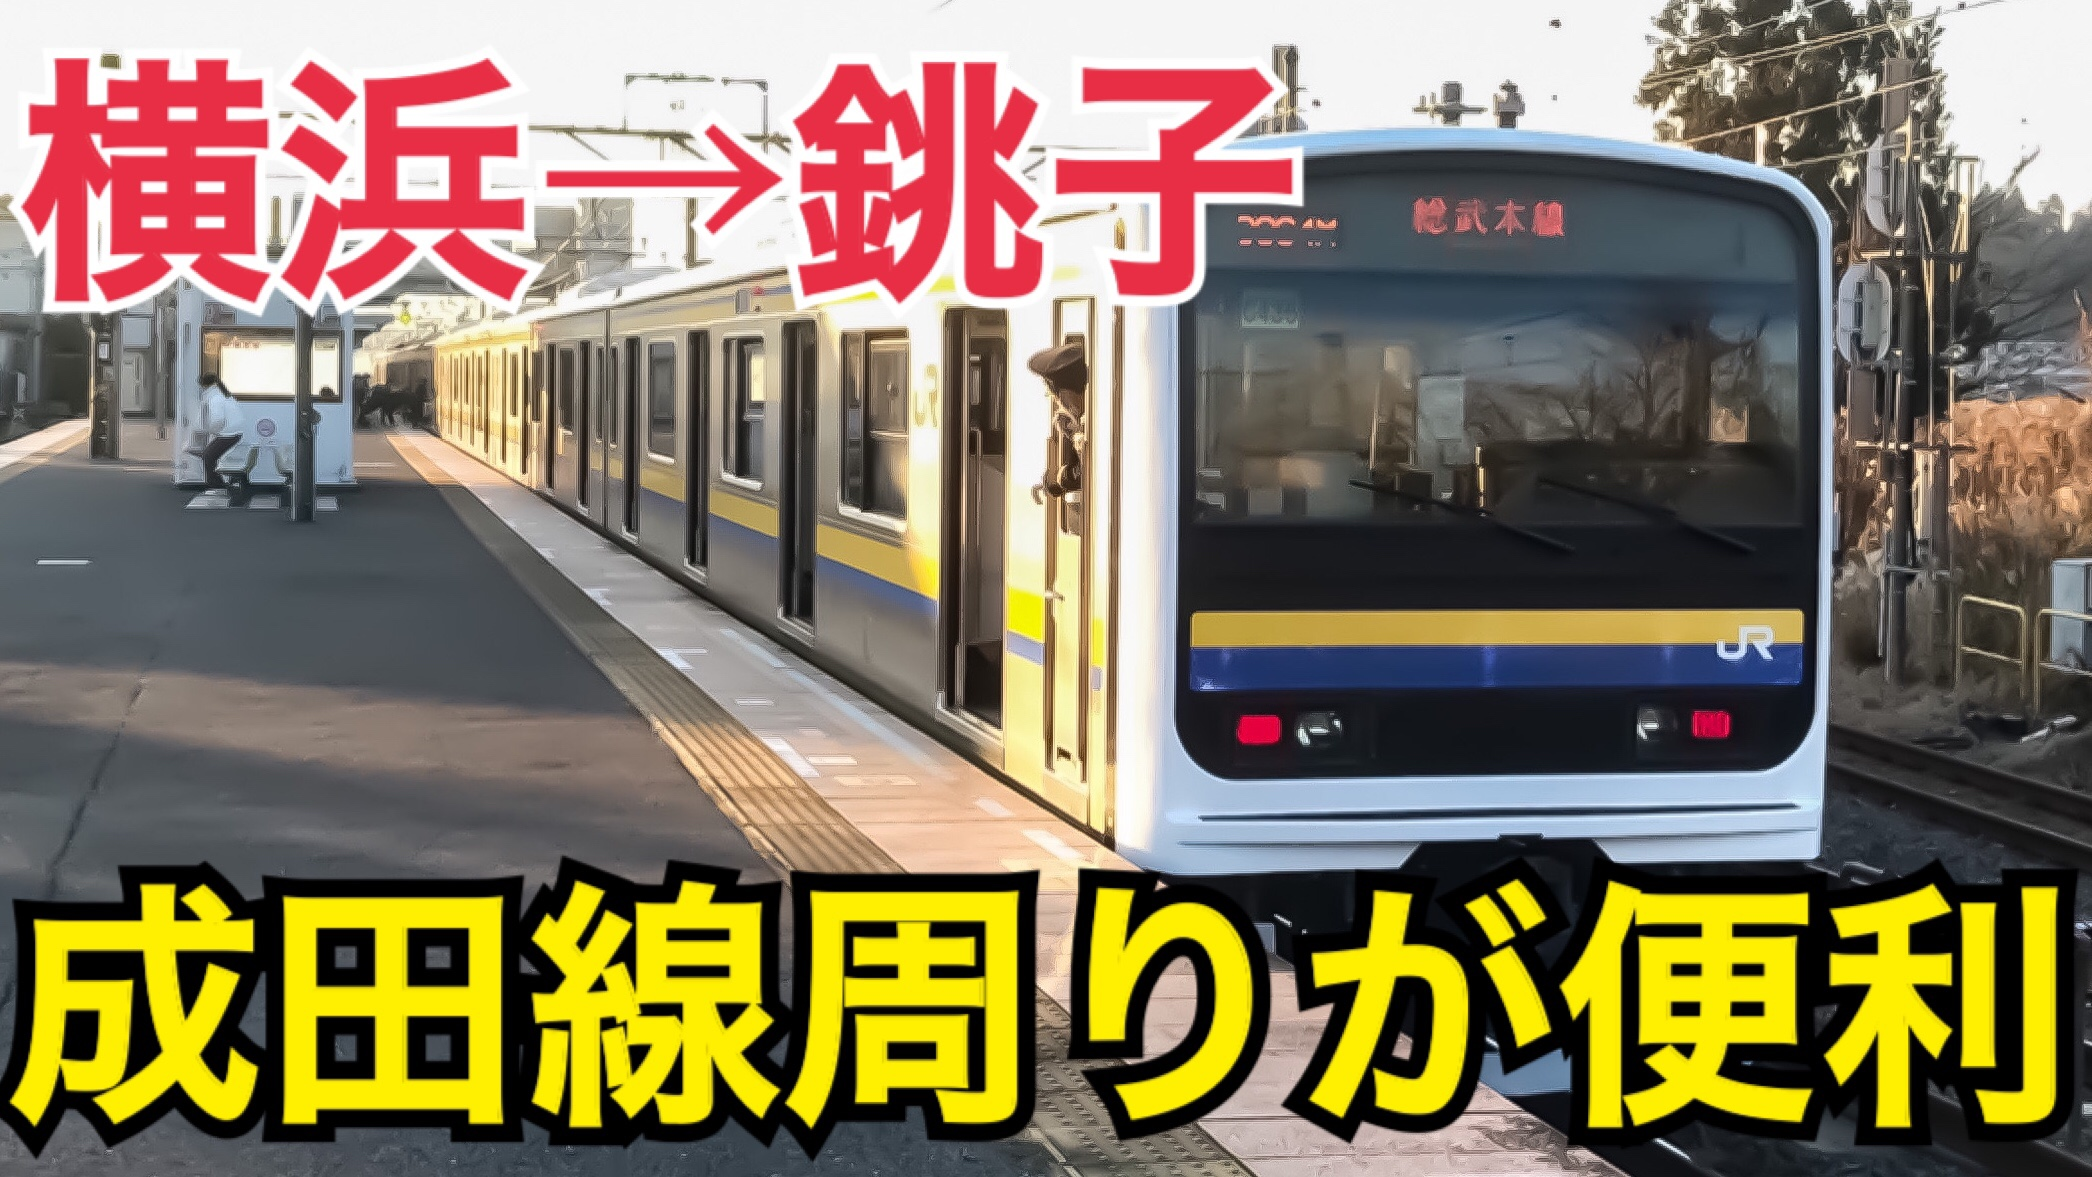 横浜銚子間は成田線周りが便利!グリーン車で快適に銚子へ!横浜銚子間普通列車の旅【関東満喫の旅】